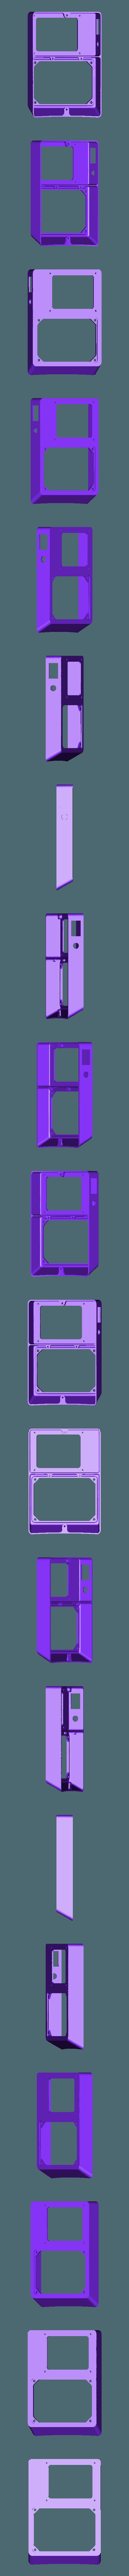 box.stl Télécharger fichier STL gratuit Planche de bricolage électrique Longboard • Objet imprimable en 3D, NikodemBartnik